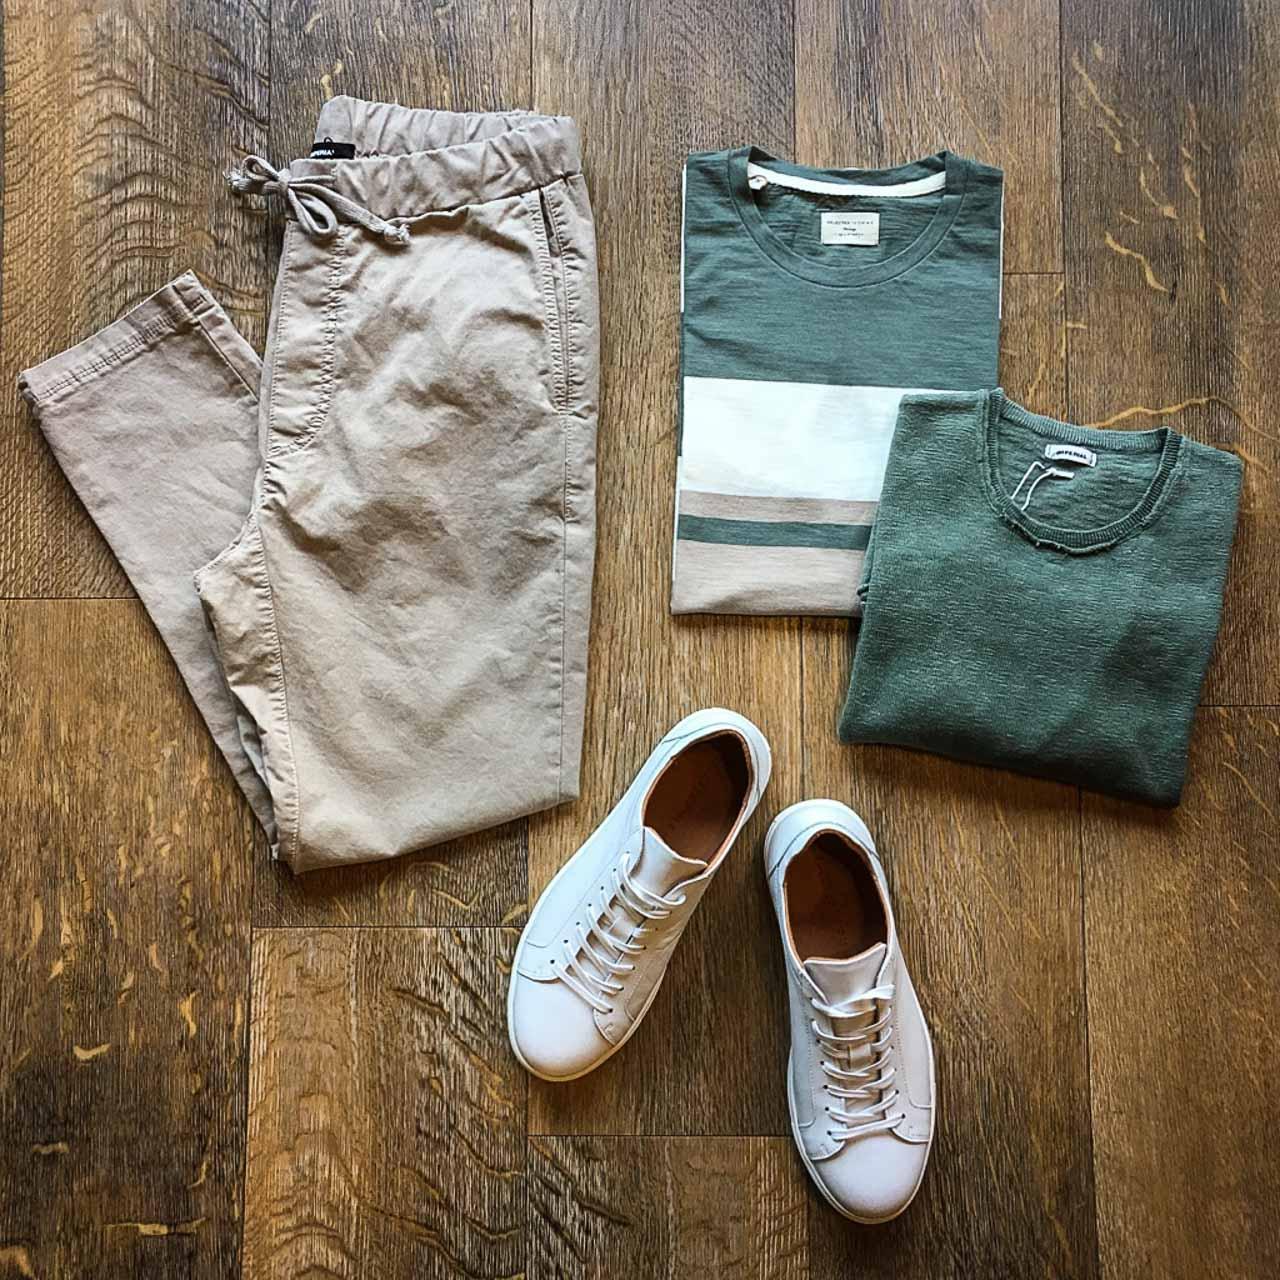 Herren Outfit in Beige/Grün